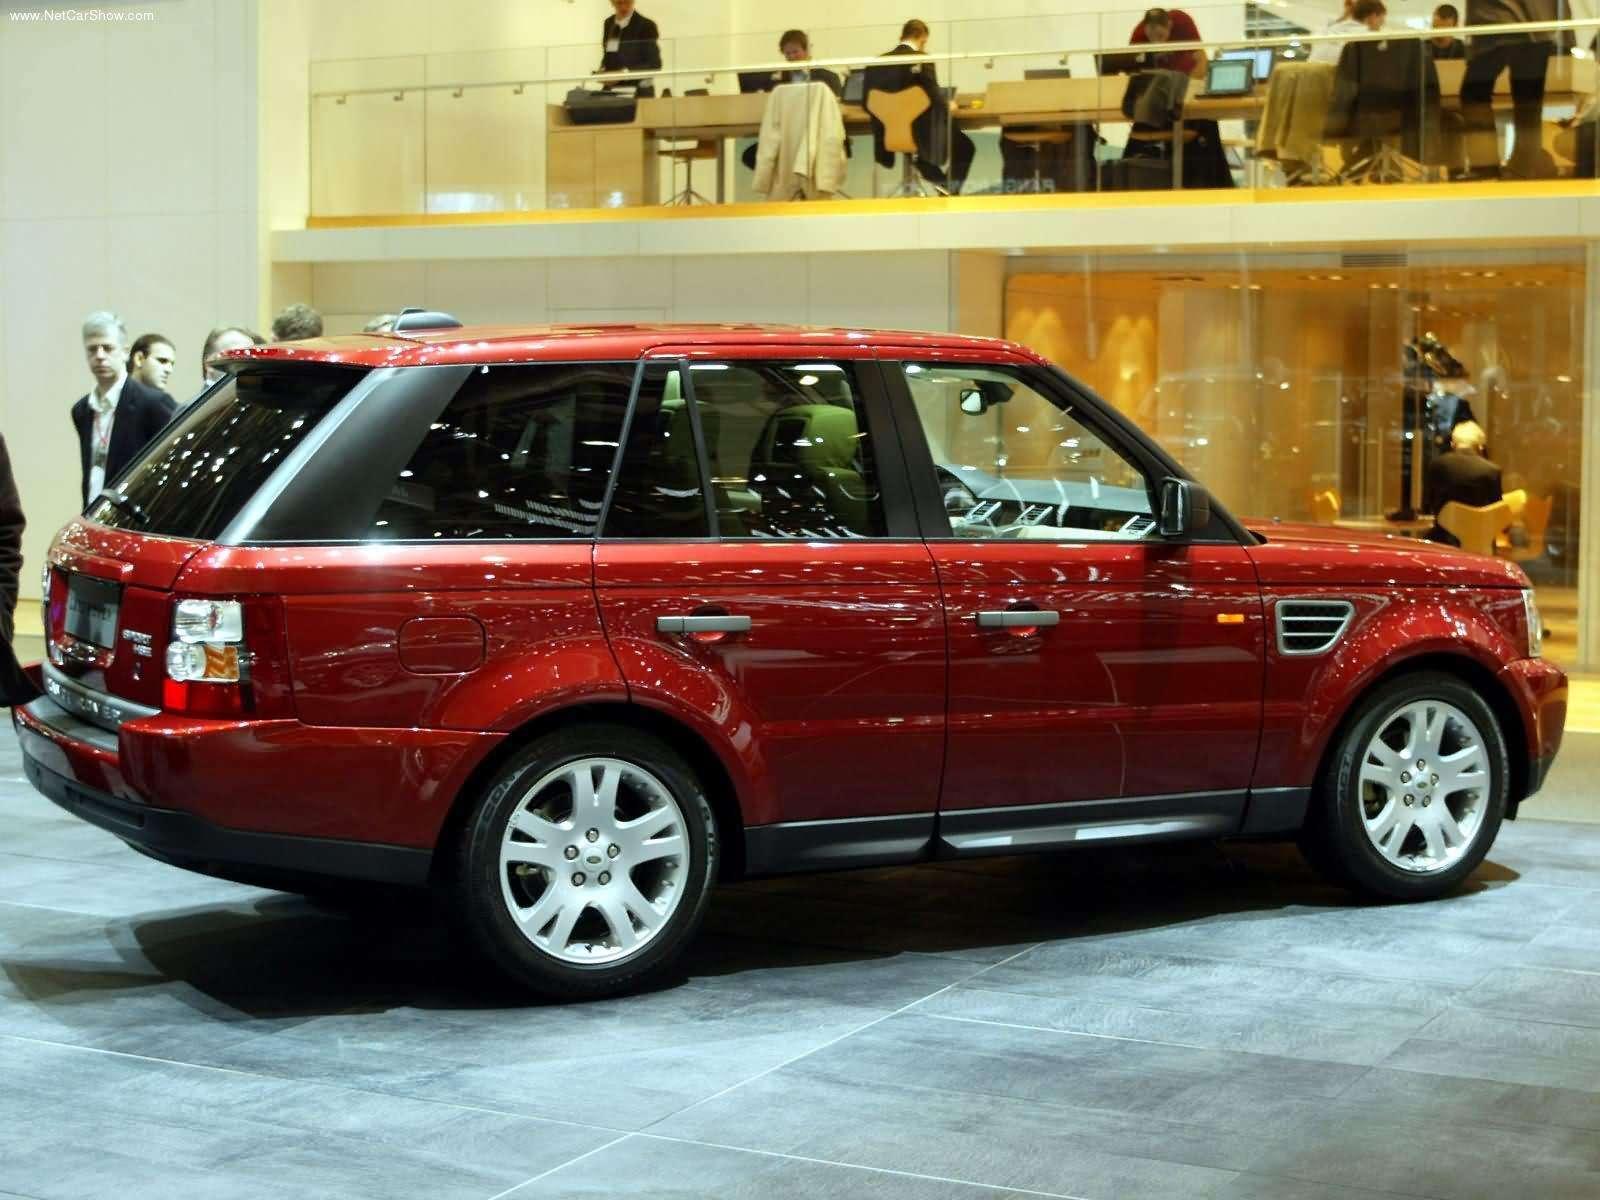 Hình ảnh xe ô tô Land Rover Range Rover Sport Diesel 2006 & nội ngoại thất